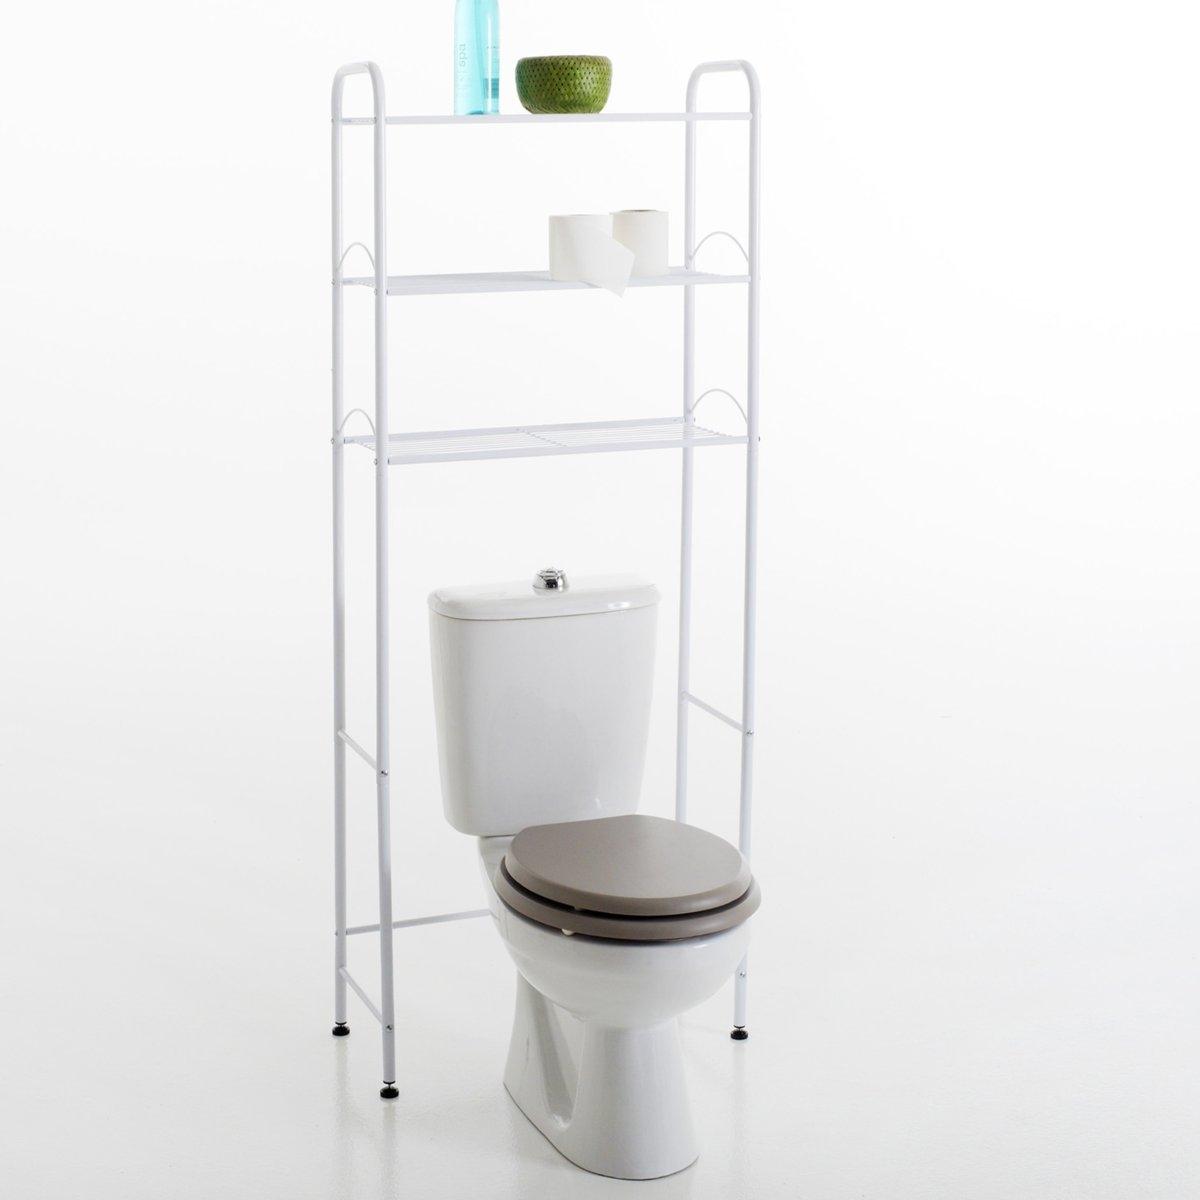 Полка для туалета, 2 цветаХарактеристики :- Каркас из металла.- Состоит из 3 этажерок при размещении унитаза внизу .Мебель готова к сборке согласно инструкции.Размеры :- Размер. общие : 61 x 155 x 28 см .<br><br>Цвет: белый